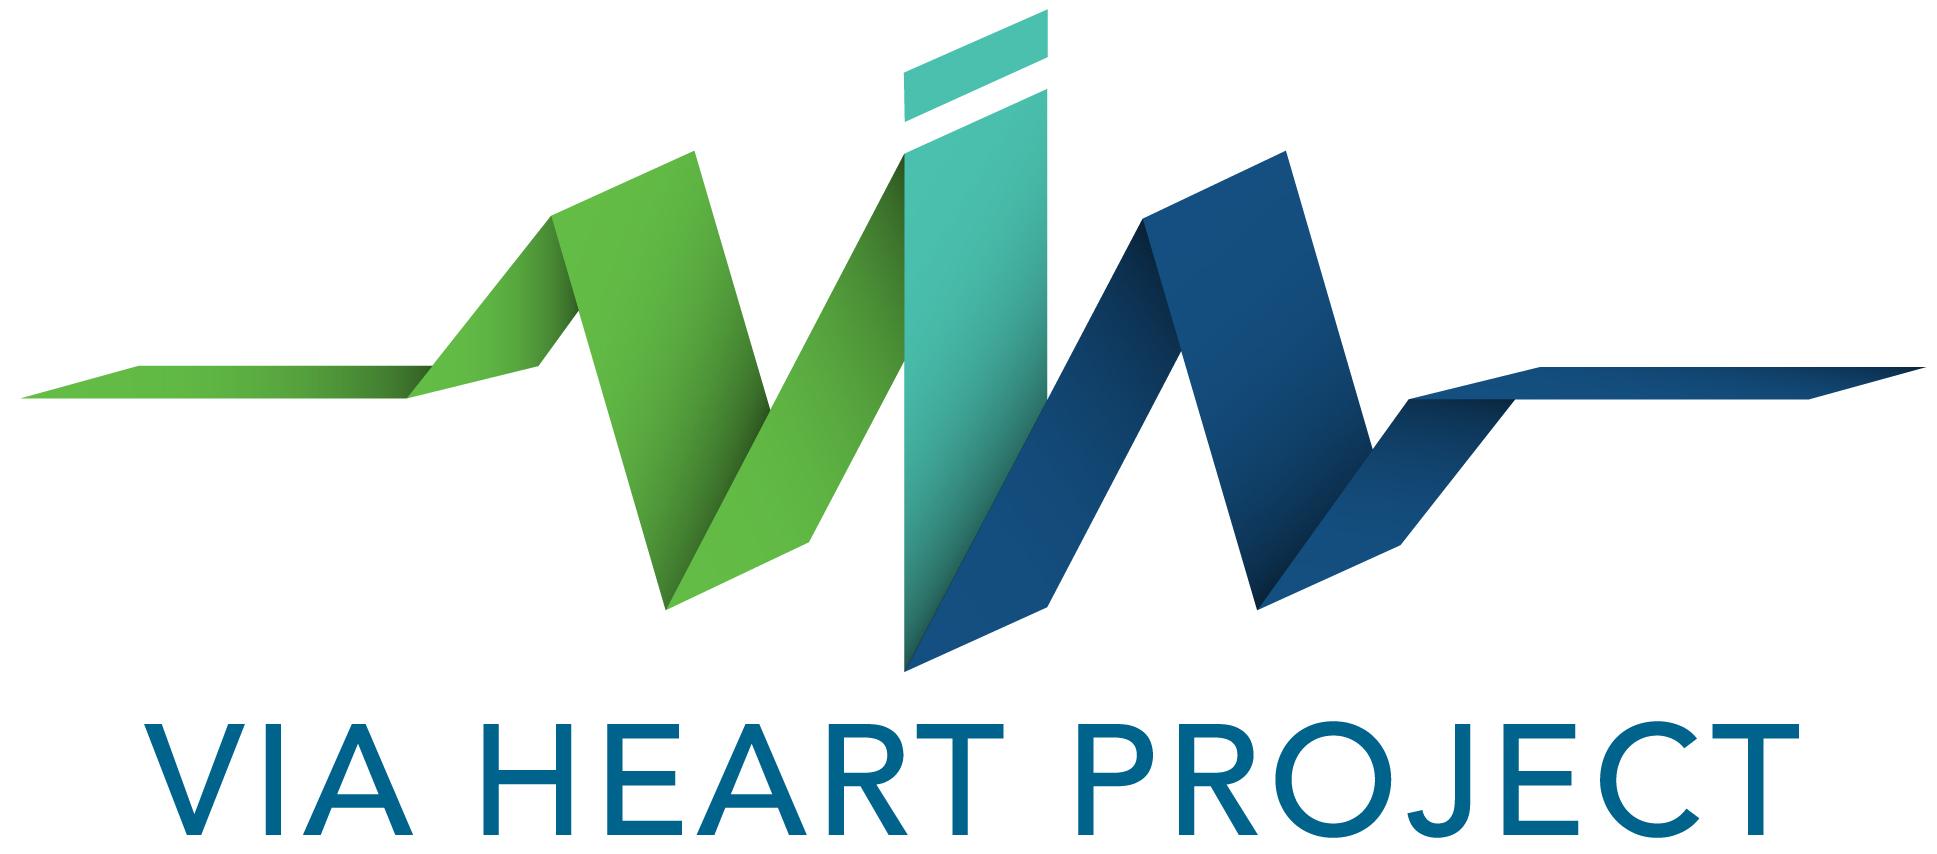 via heart project logo FINAL - Homepage